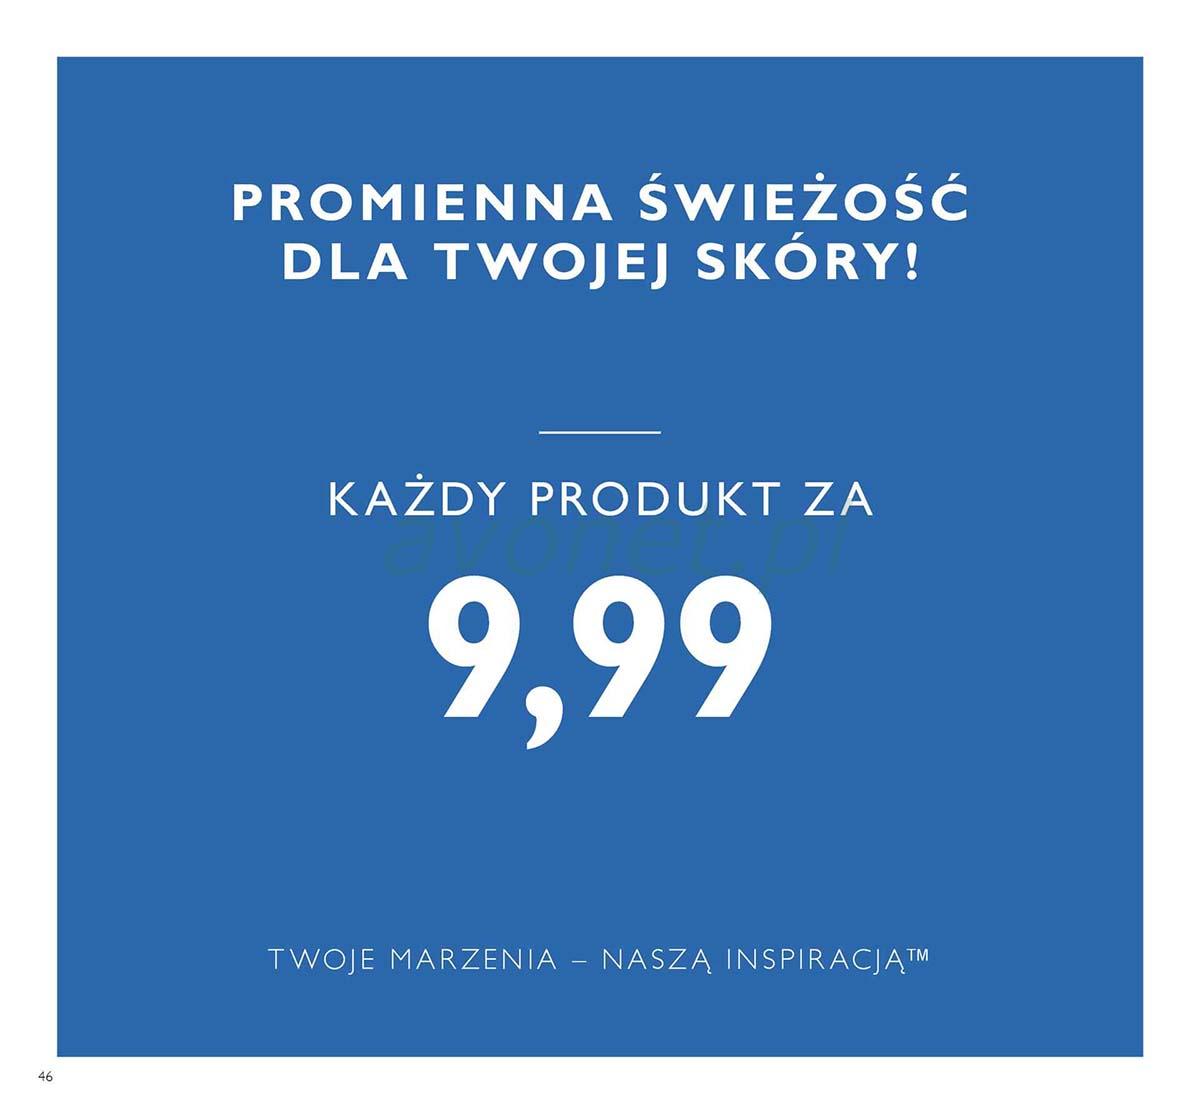 2018002-046-pl-pl